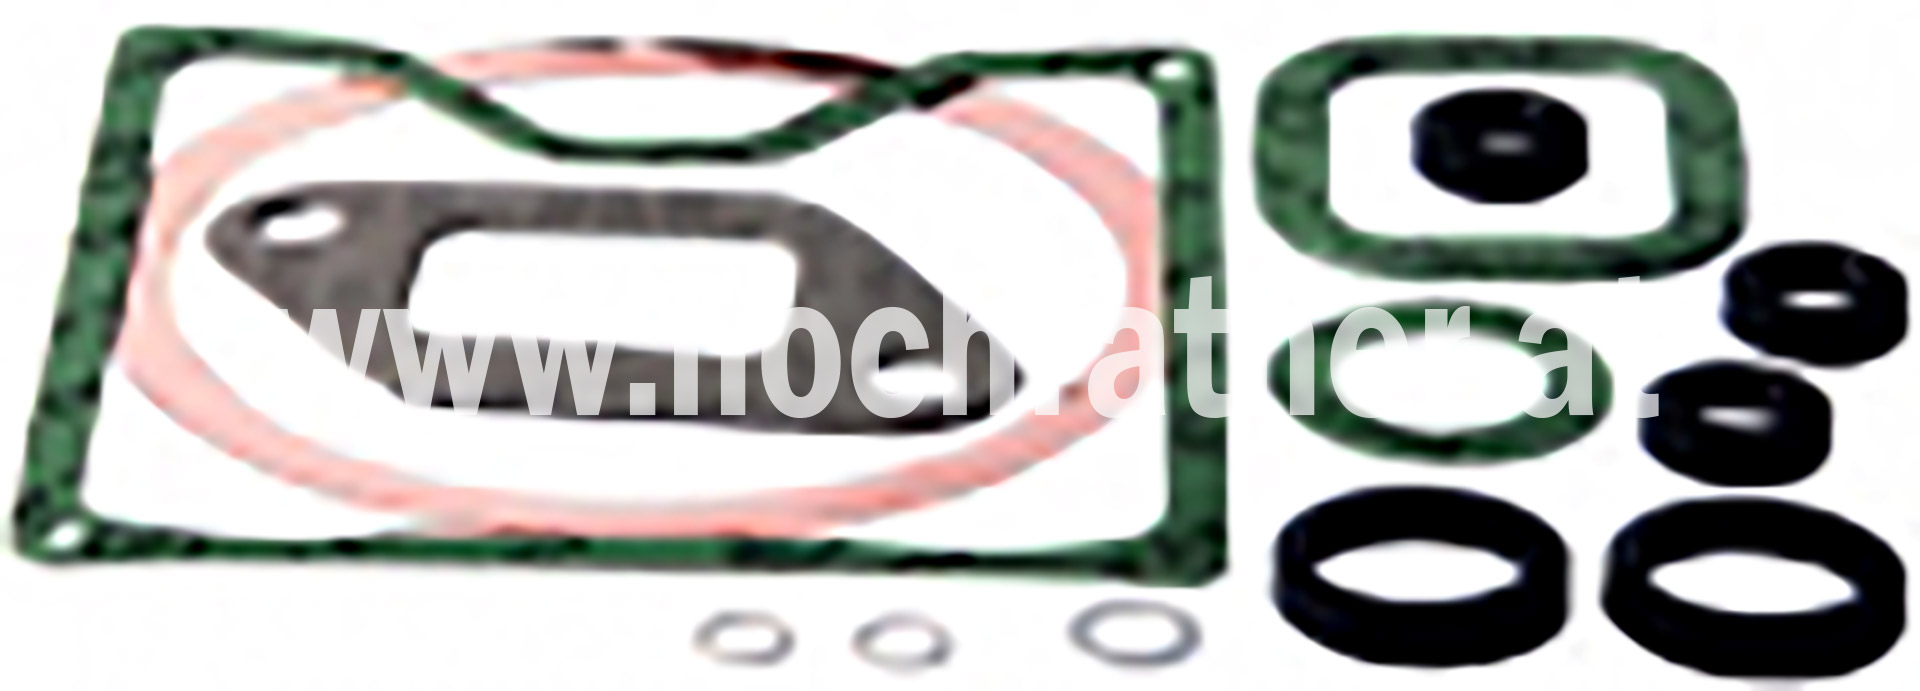 Entrussersatz Steyr T80 (503019802) Umlauf